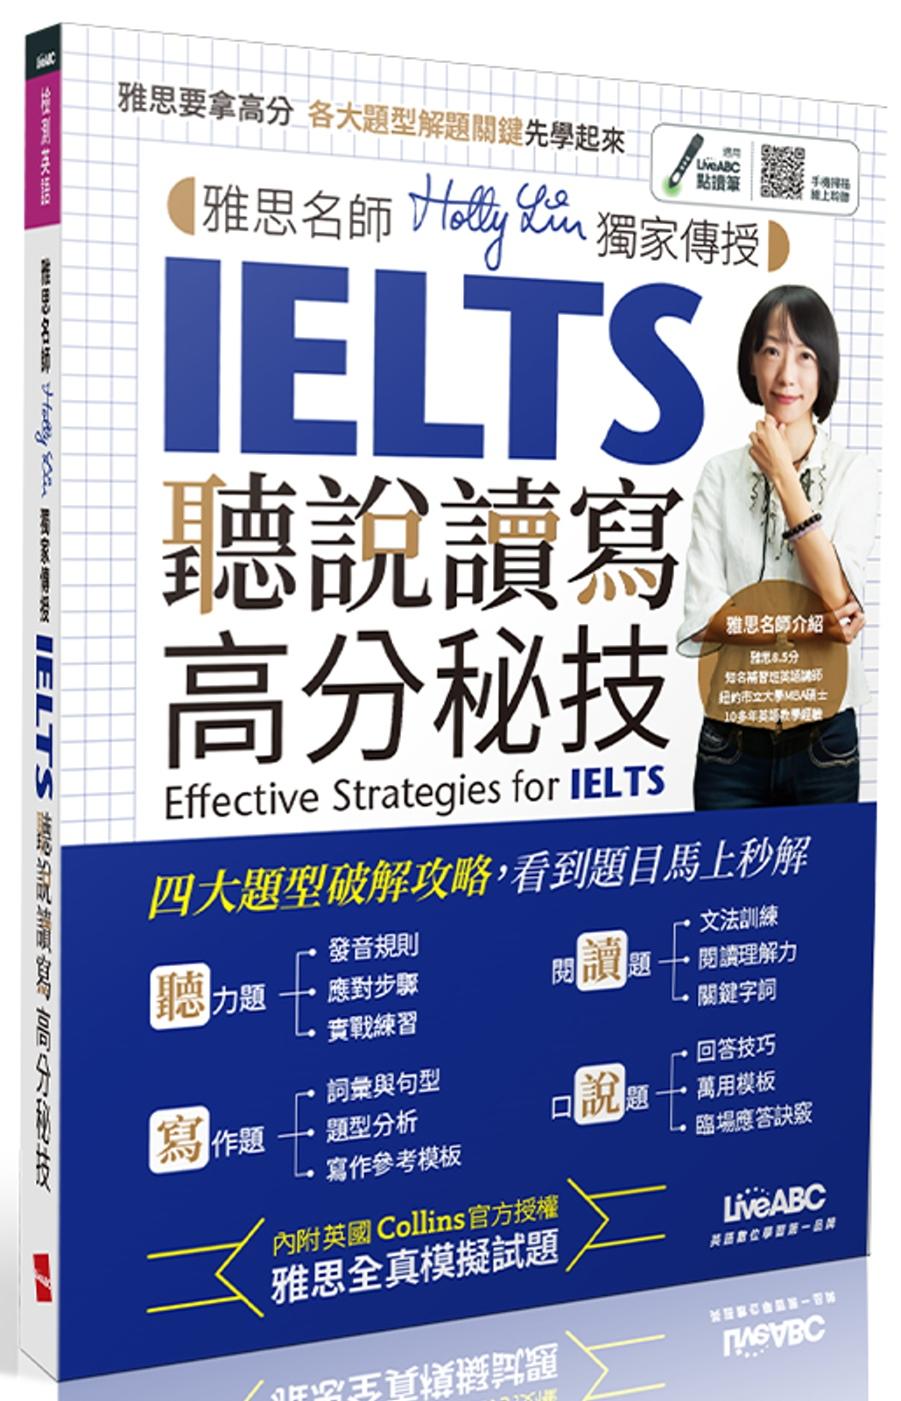 雅思名師Holly Lin獨家傳授 IELTS聽說讀寫高分秘技【附QR Code線上聆聽、具點讀功能】